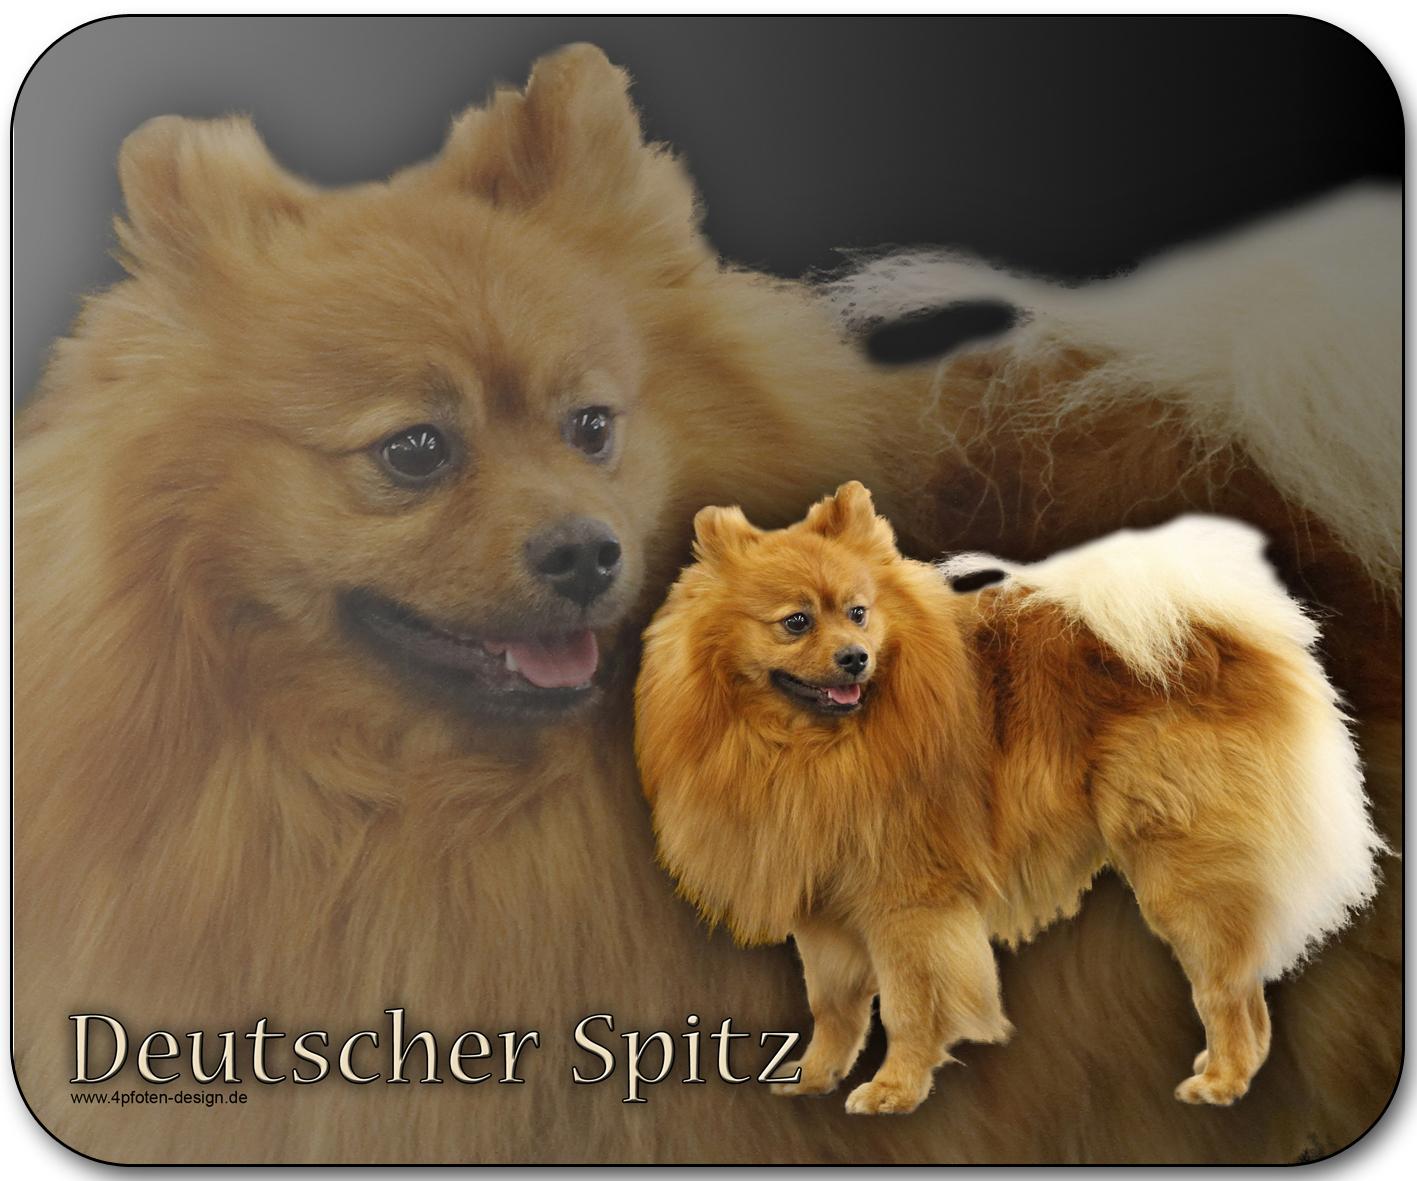 deutscher spitz hund: